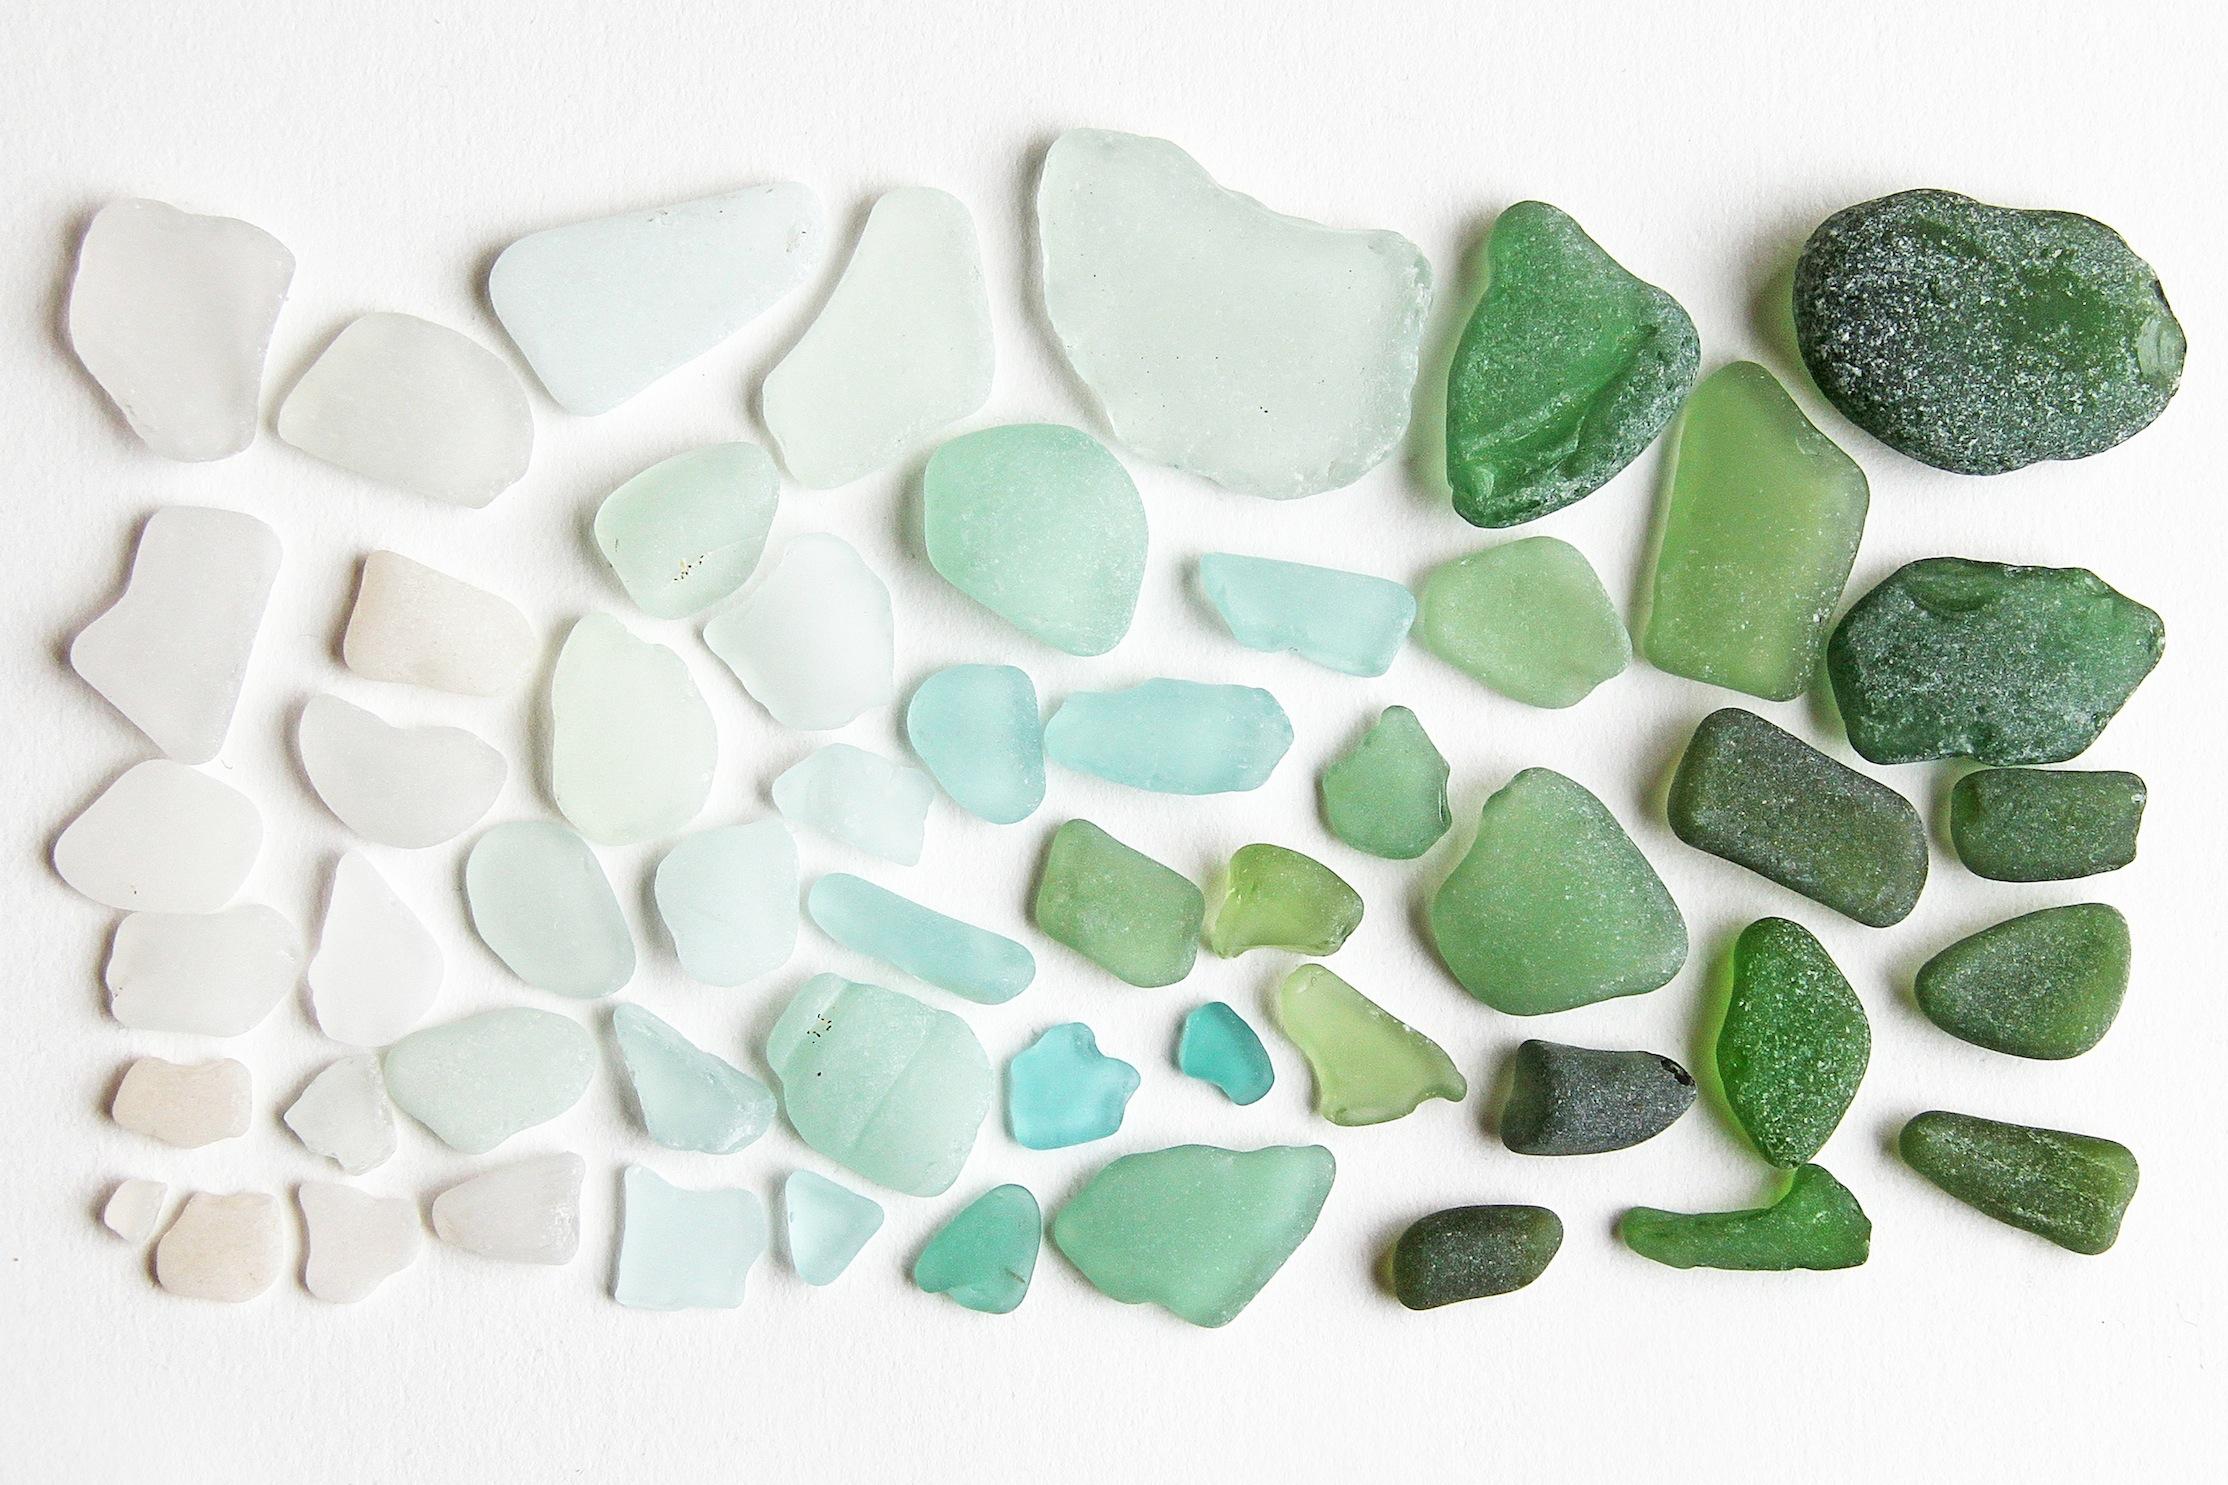 sea glass (mermaid tears)